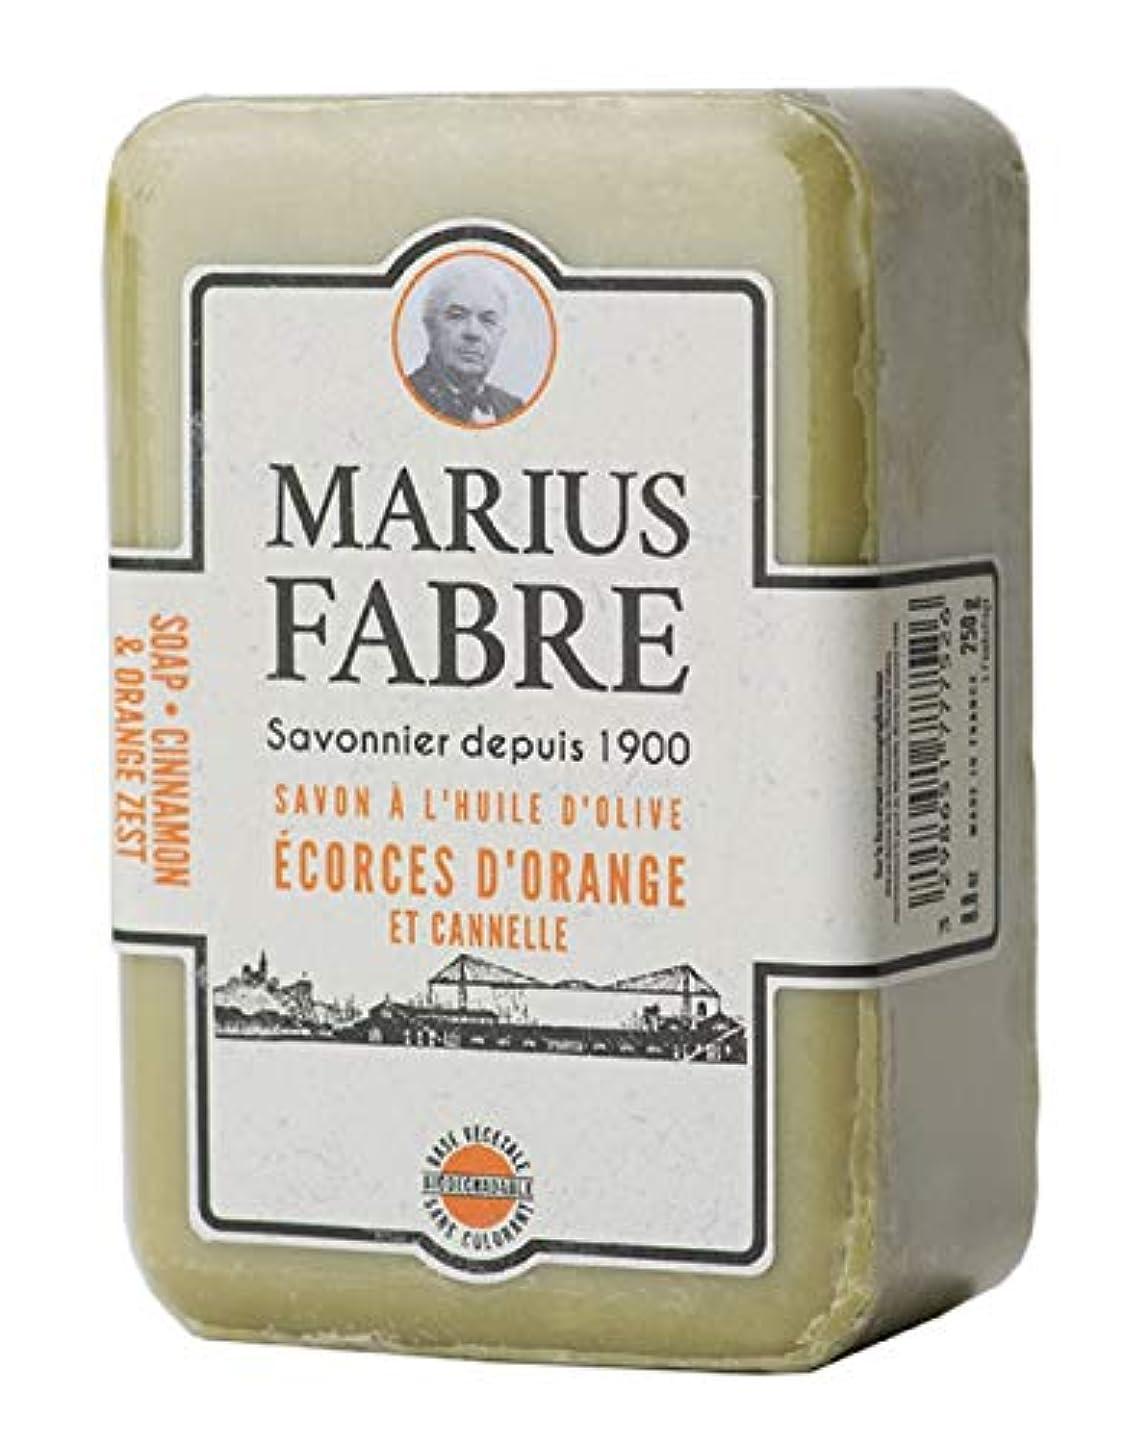 ずんぐりした角度対処するサボンドマルセイユ 1900 シナモンオレンジ 250g